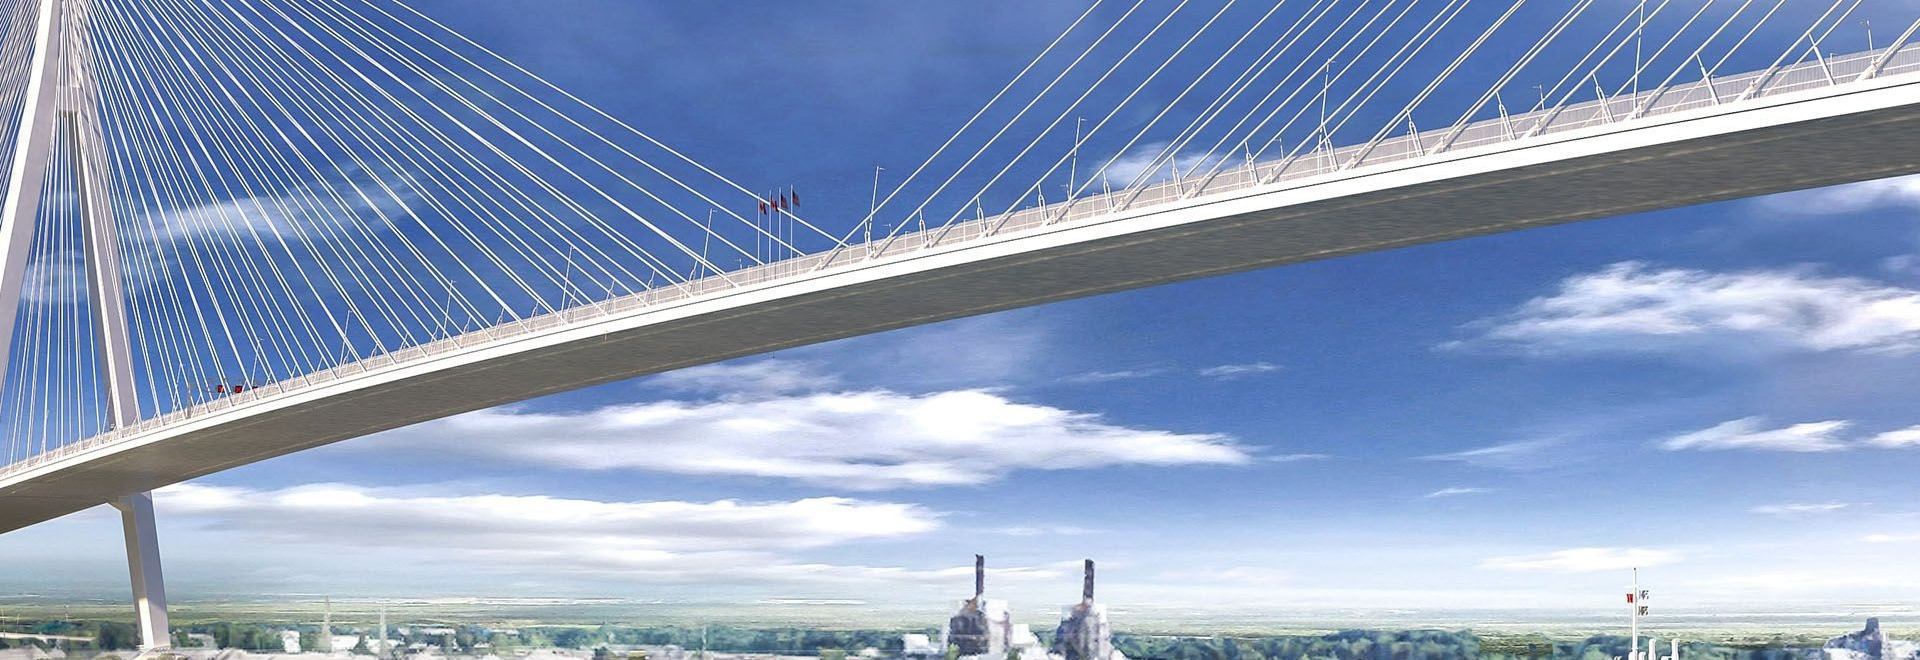 A conceptual drawing of the Gordie Howe International Bridge